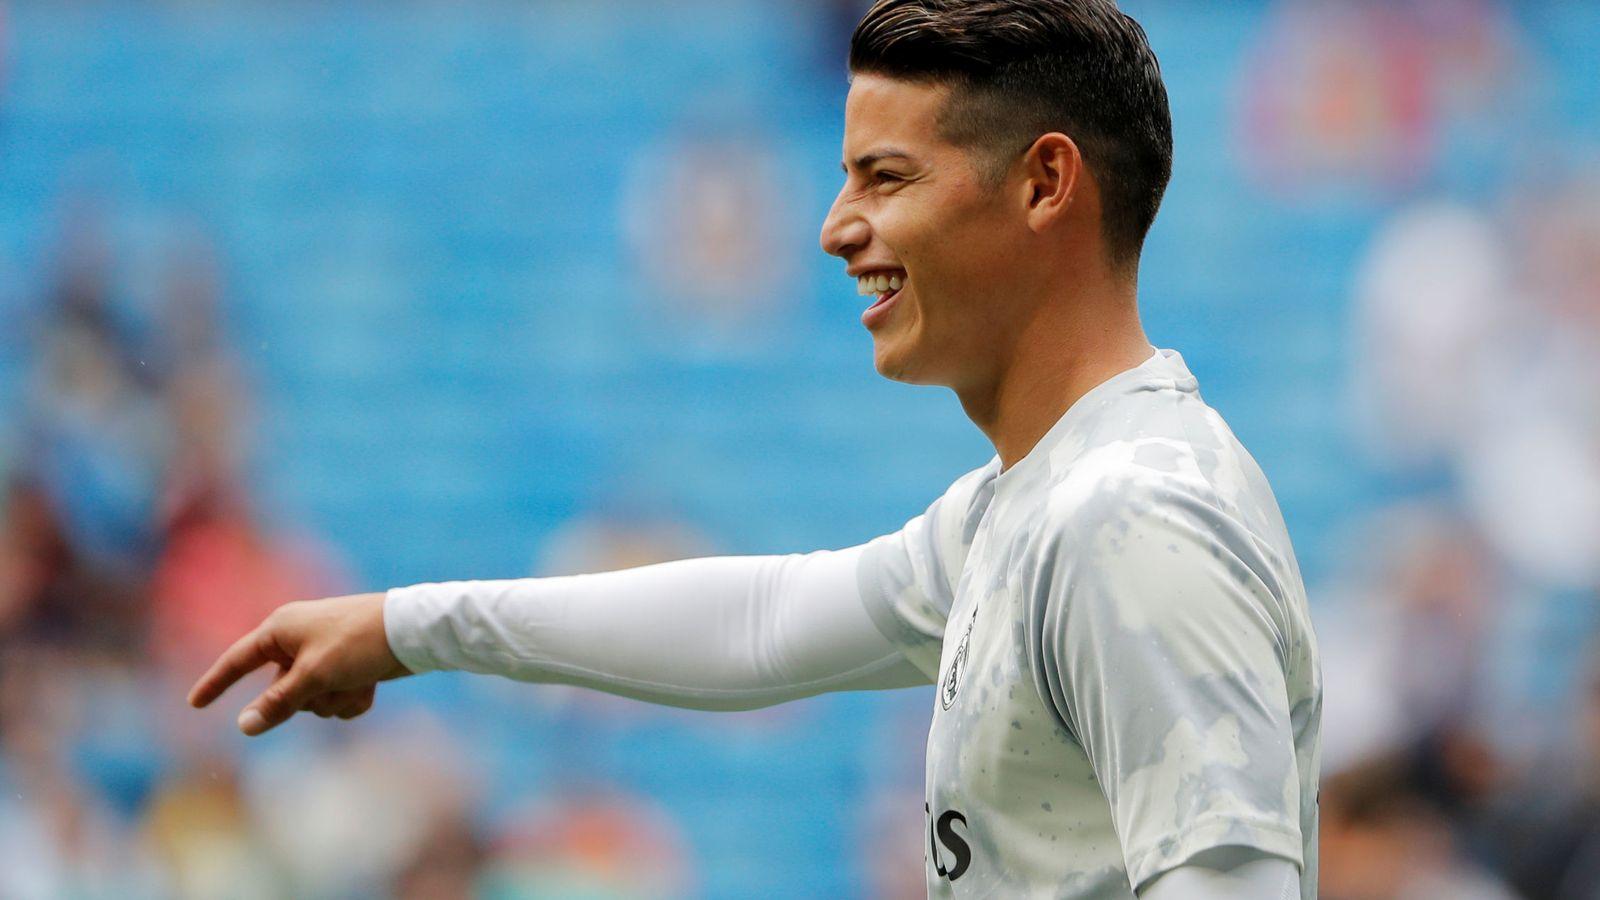 Foto: James sonríe en el calentamiento del partido antes de enfrentarse al Levante. (Efe)